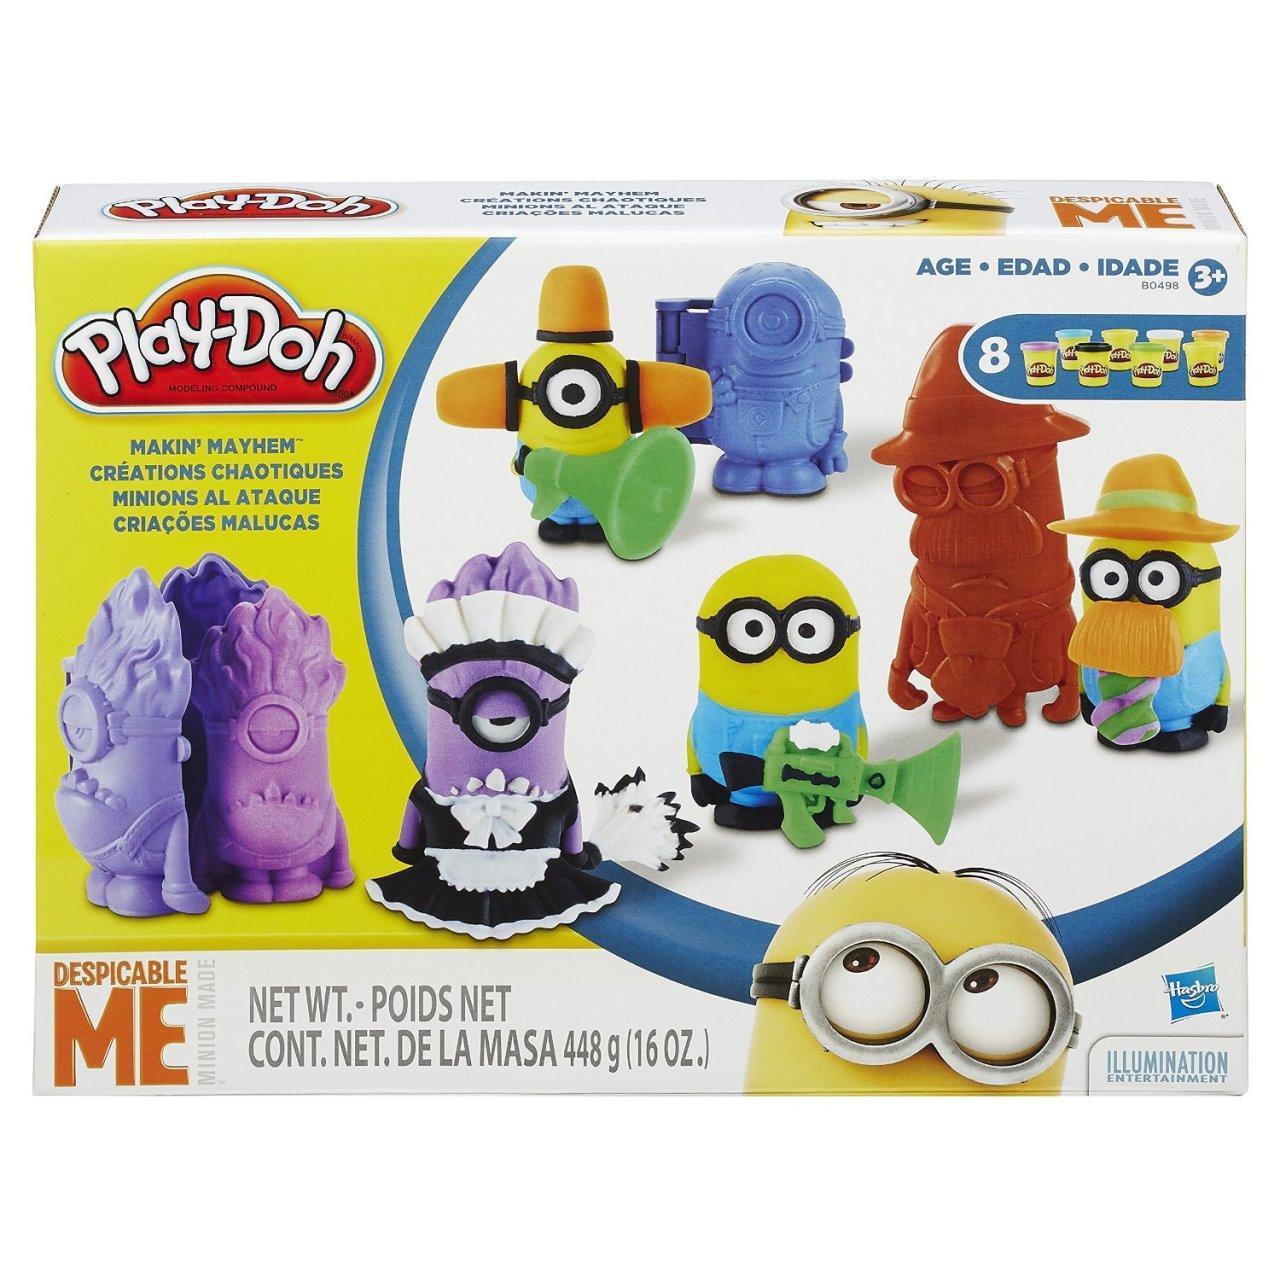 Игровой набор для творчества Переполох Миньонов - Minions, Despicable ME, Play-Doh, Hasbro - 143543, фото 1